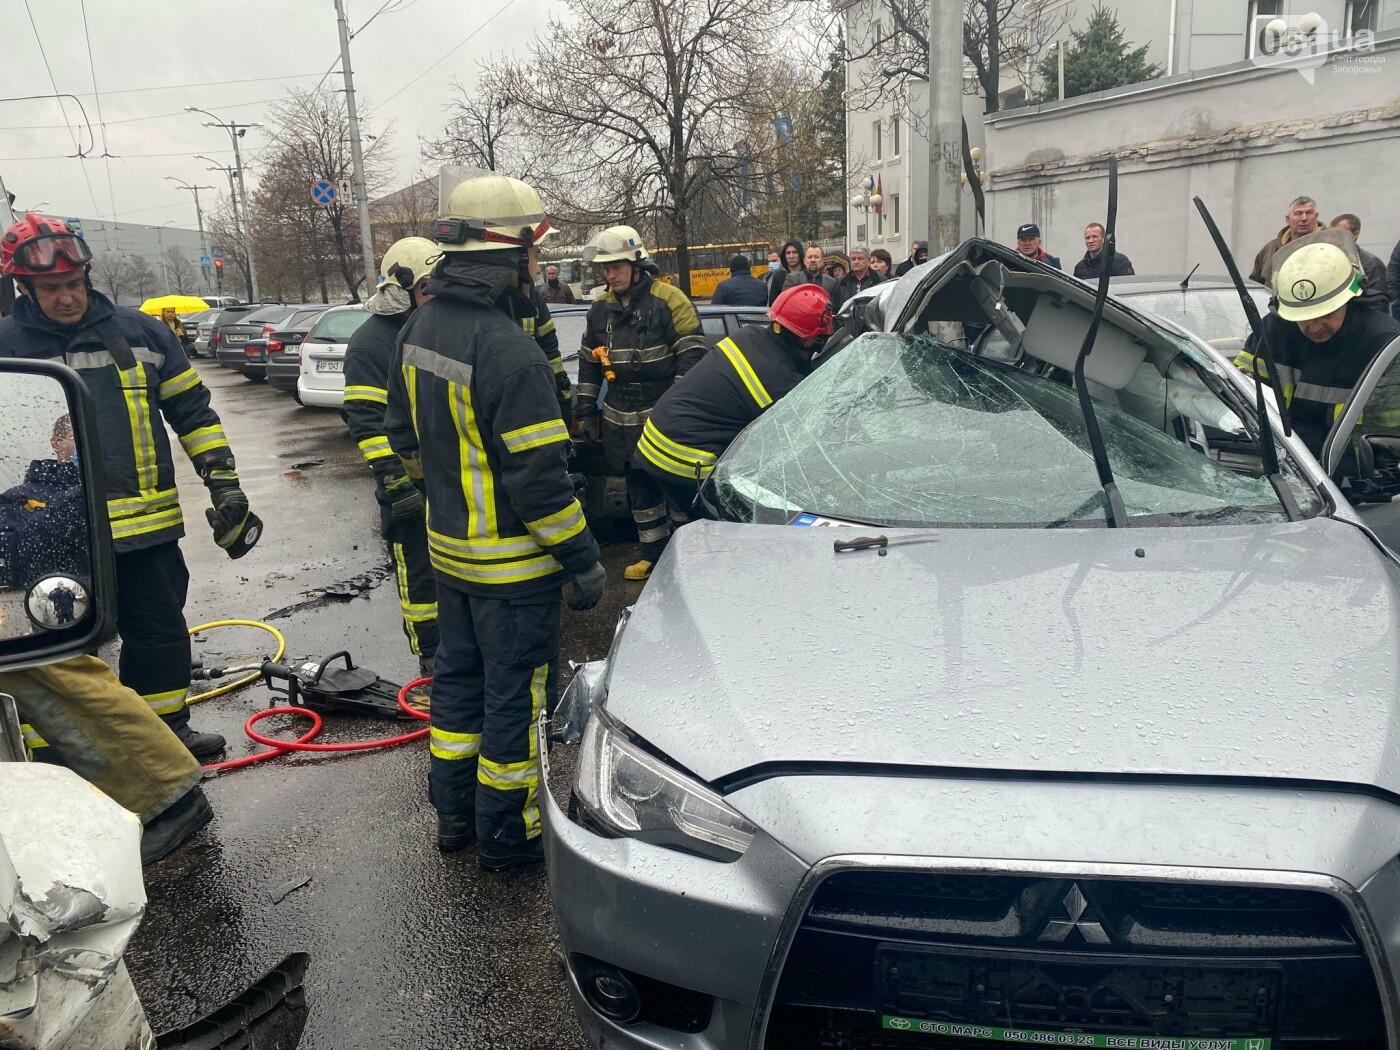 Авария в Запорожье: спасатели срезали крышу легкового автомобиля, чтобы достать погибшую пассажирку, - ФОТО , фото-3